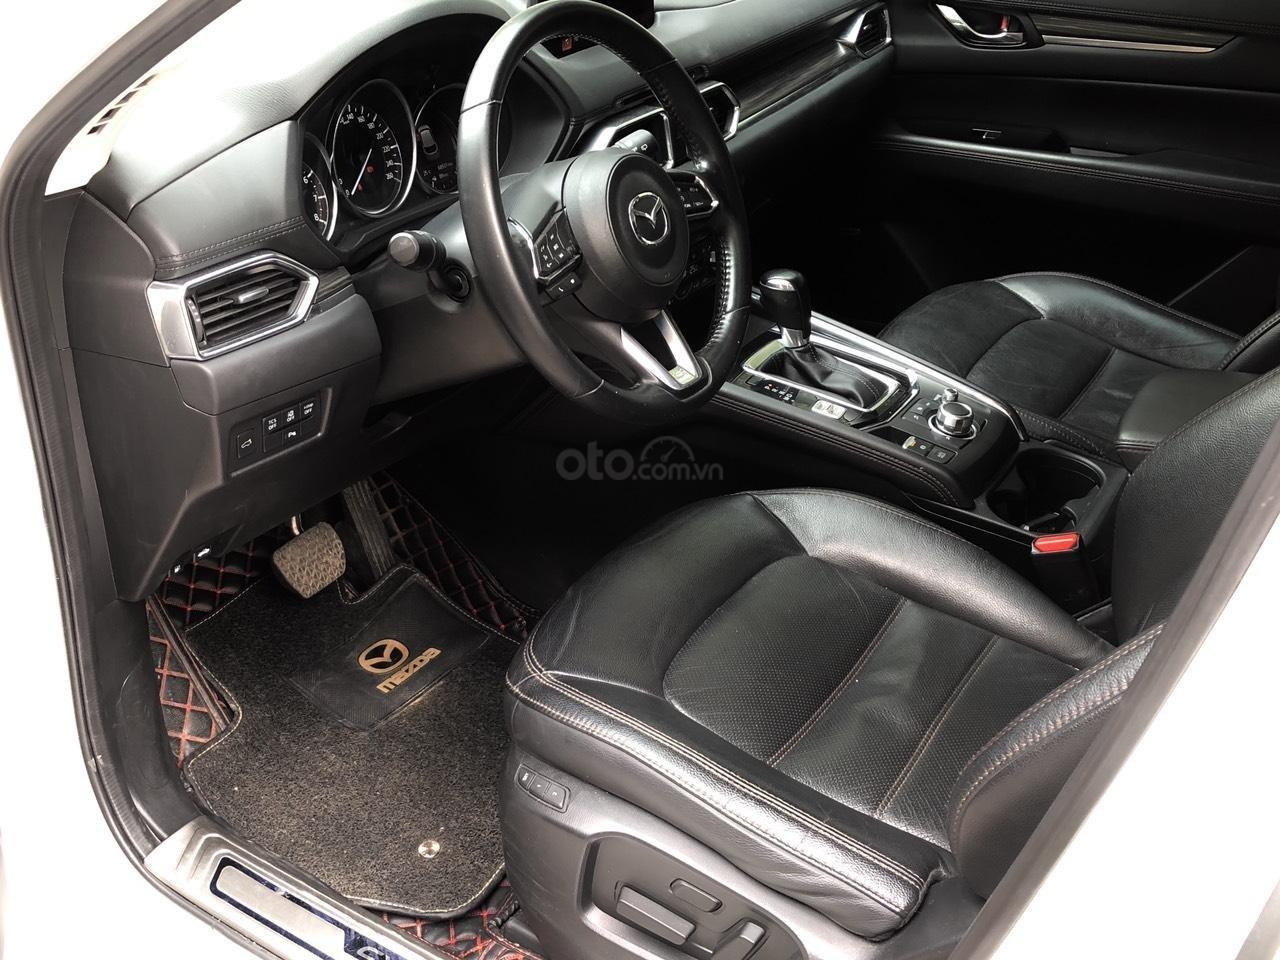 [Hot] bán nhanh Mazda CX5 2.5 đời 2018 màu trắng, xe 1 chủ từ đầu biển HN, xe đẹp không 1 lỗi nhỏ (8)